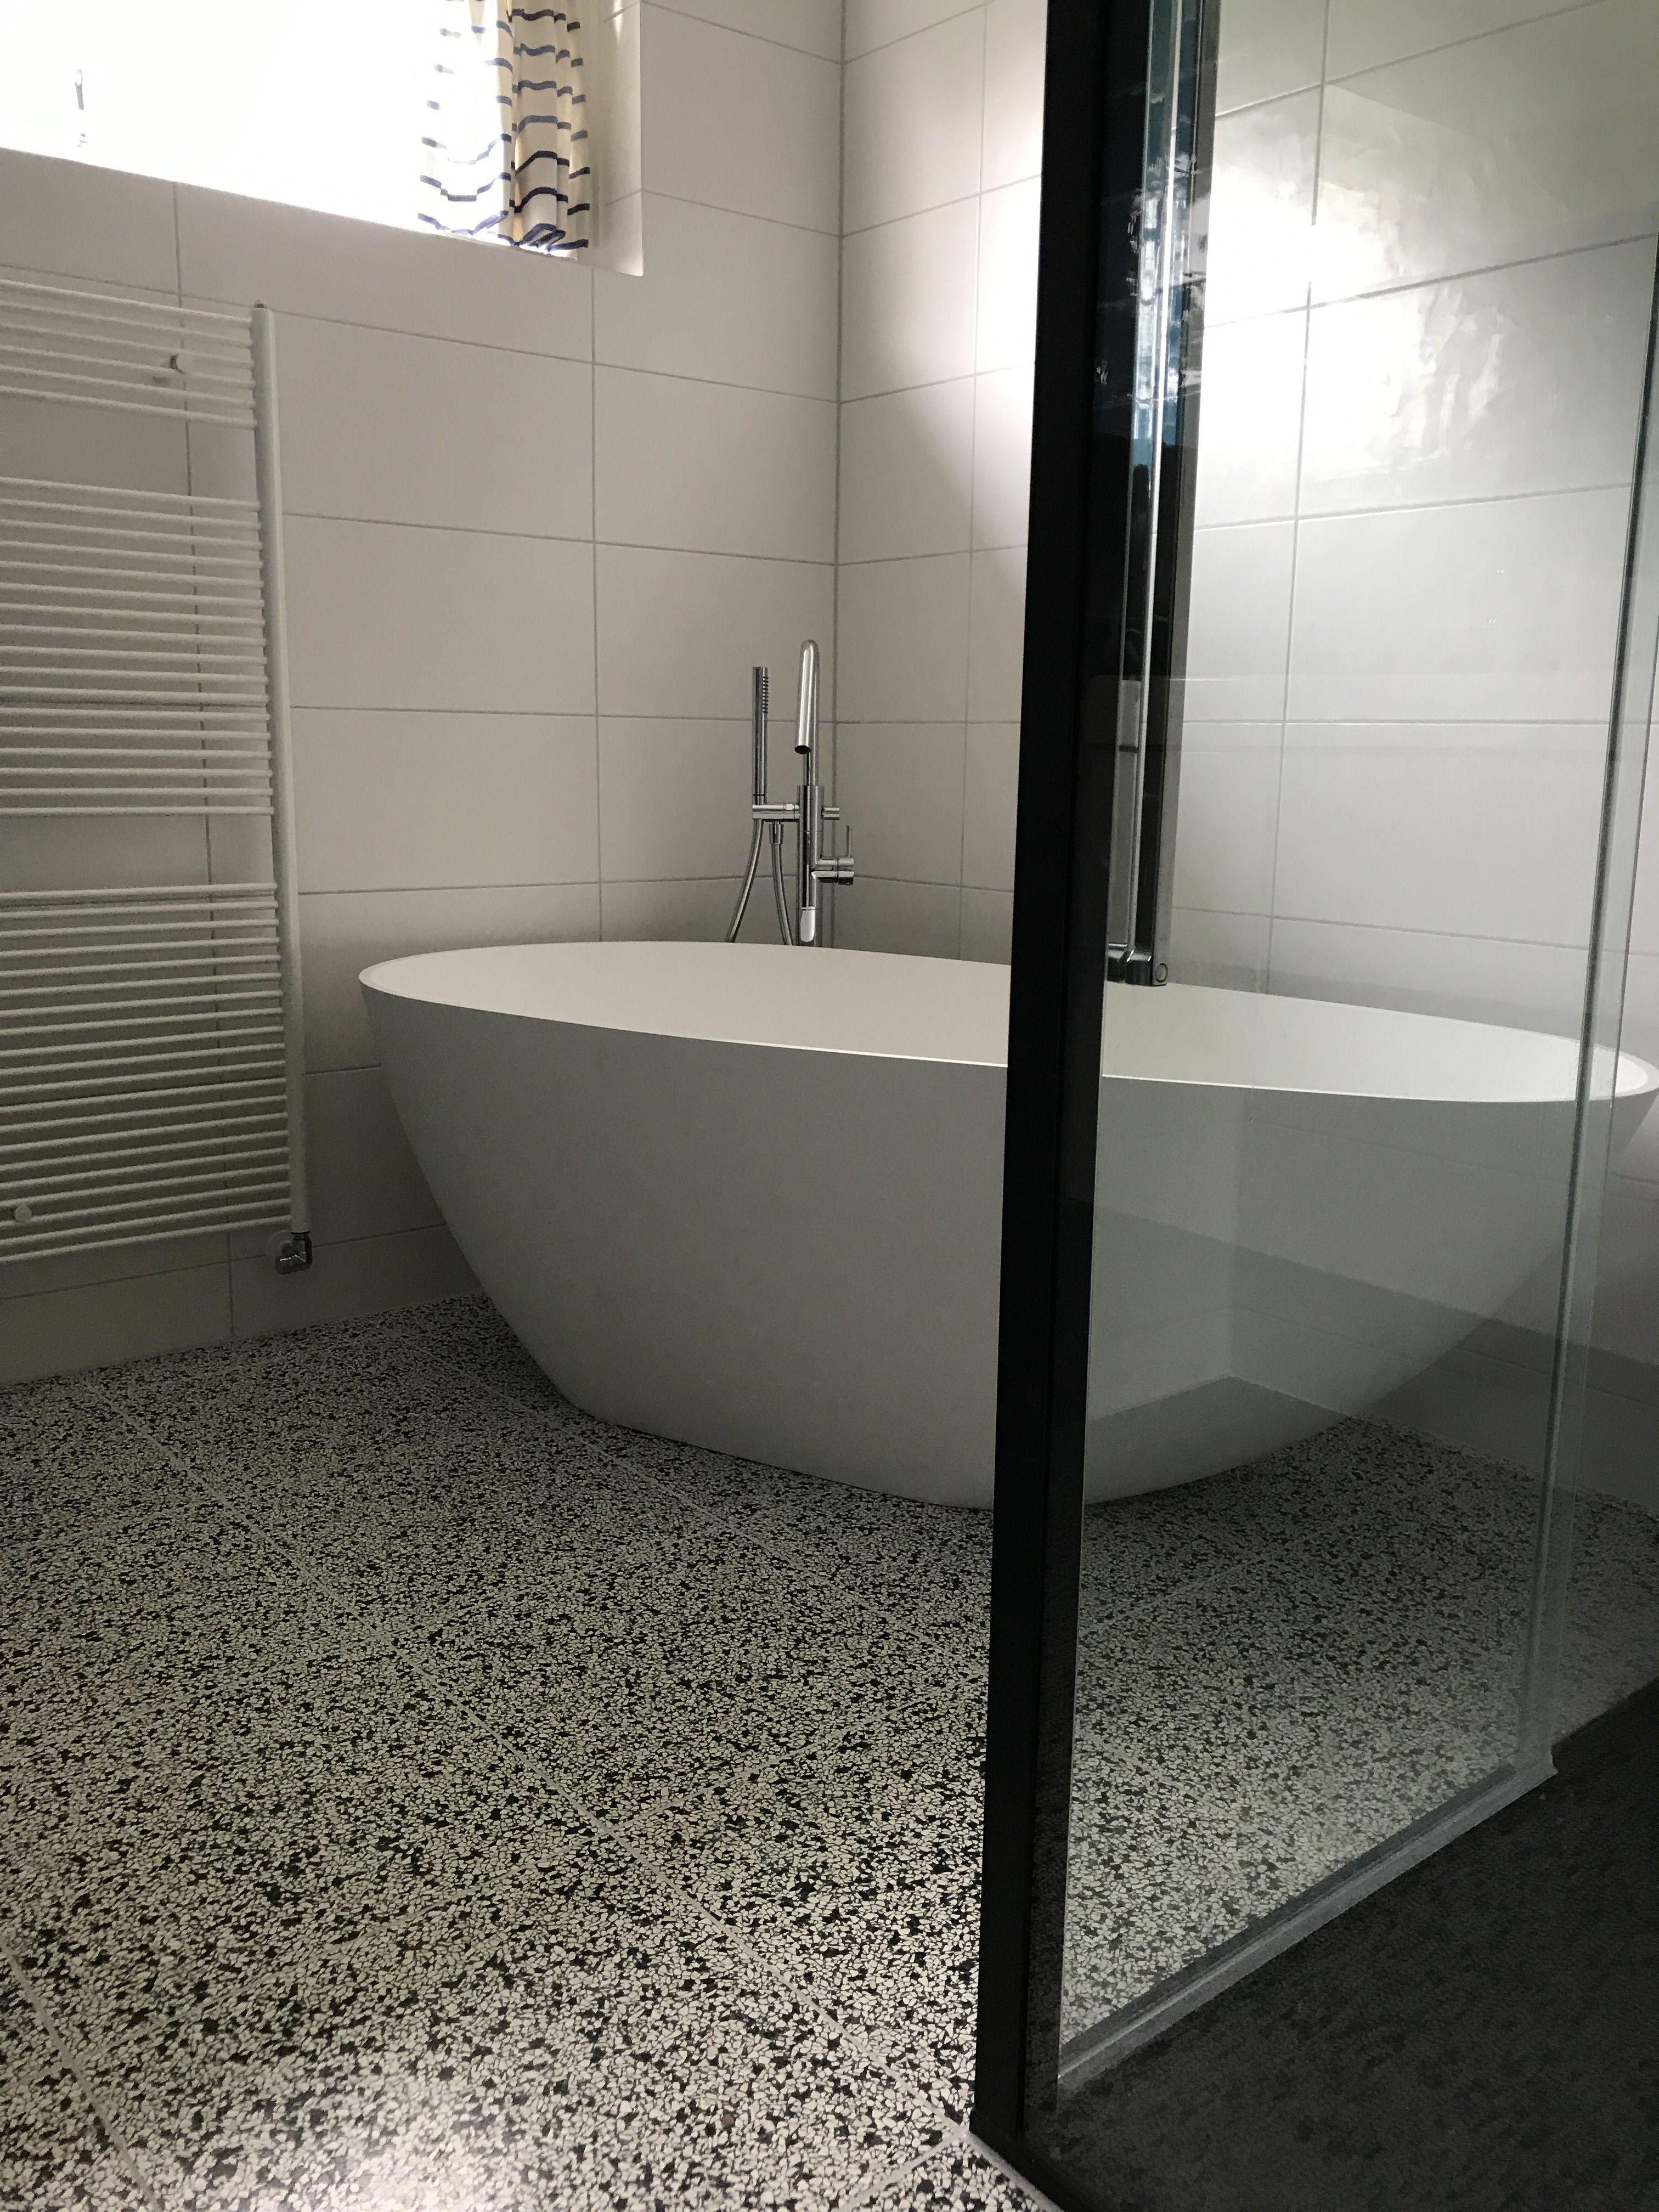 Bad Sanitair Luxe Badkamer Met Maatwerk Meubel En Corian Bad Het